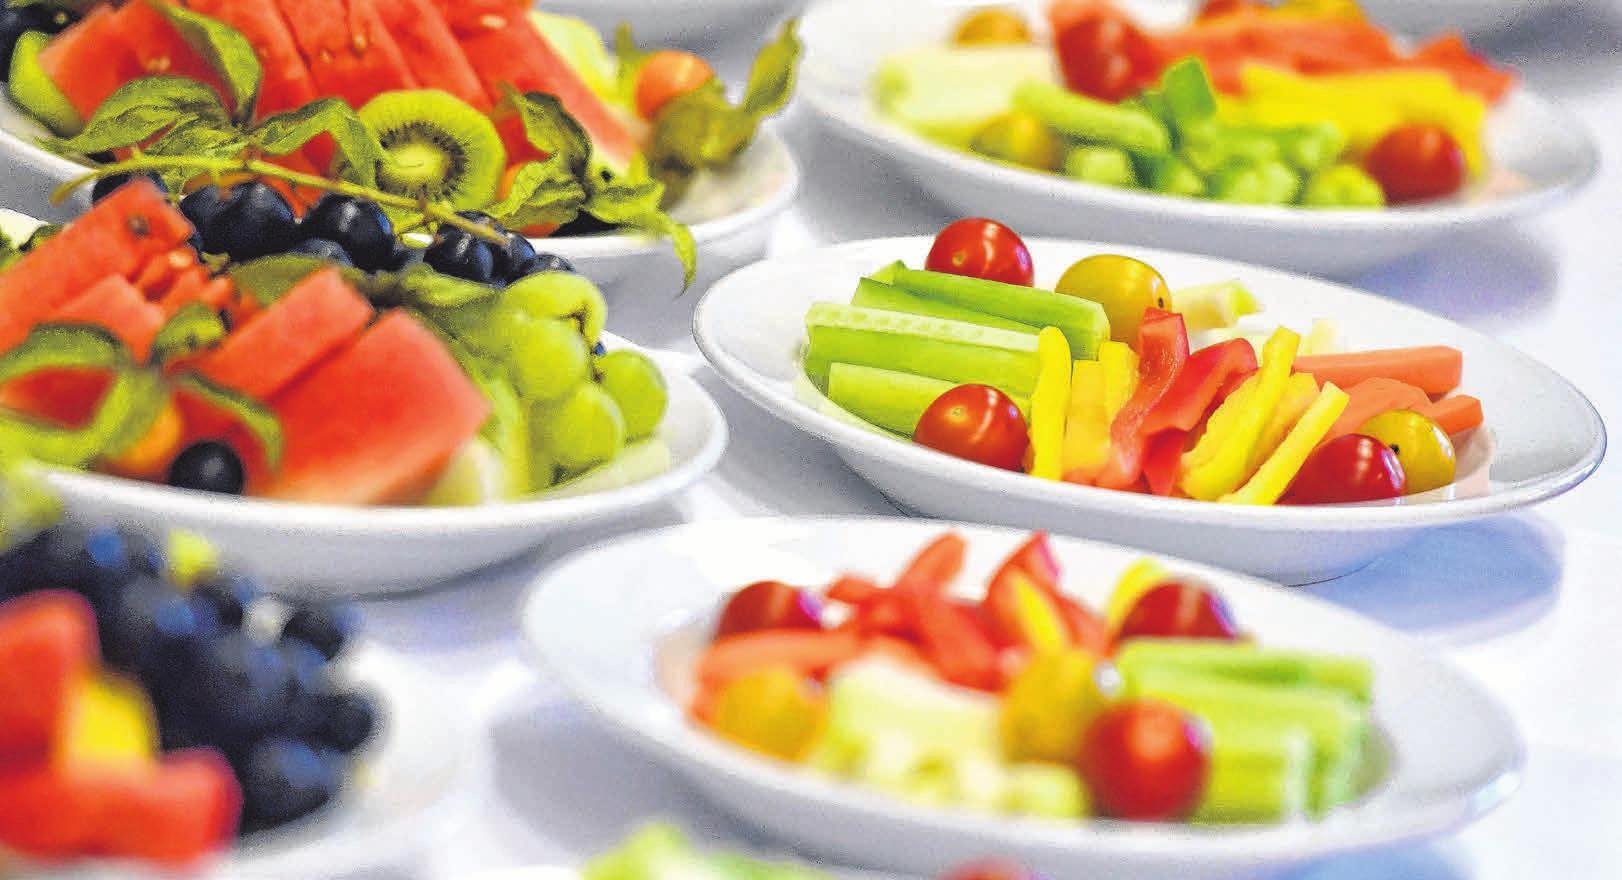 Immer mehr Kinder sind ernährungsbedingt krank. Experten meinen, dass die Schule dazu beitragen könnte, diesen Trend aufzuhalten. Foto: Ralf Hirschberger